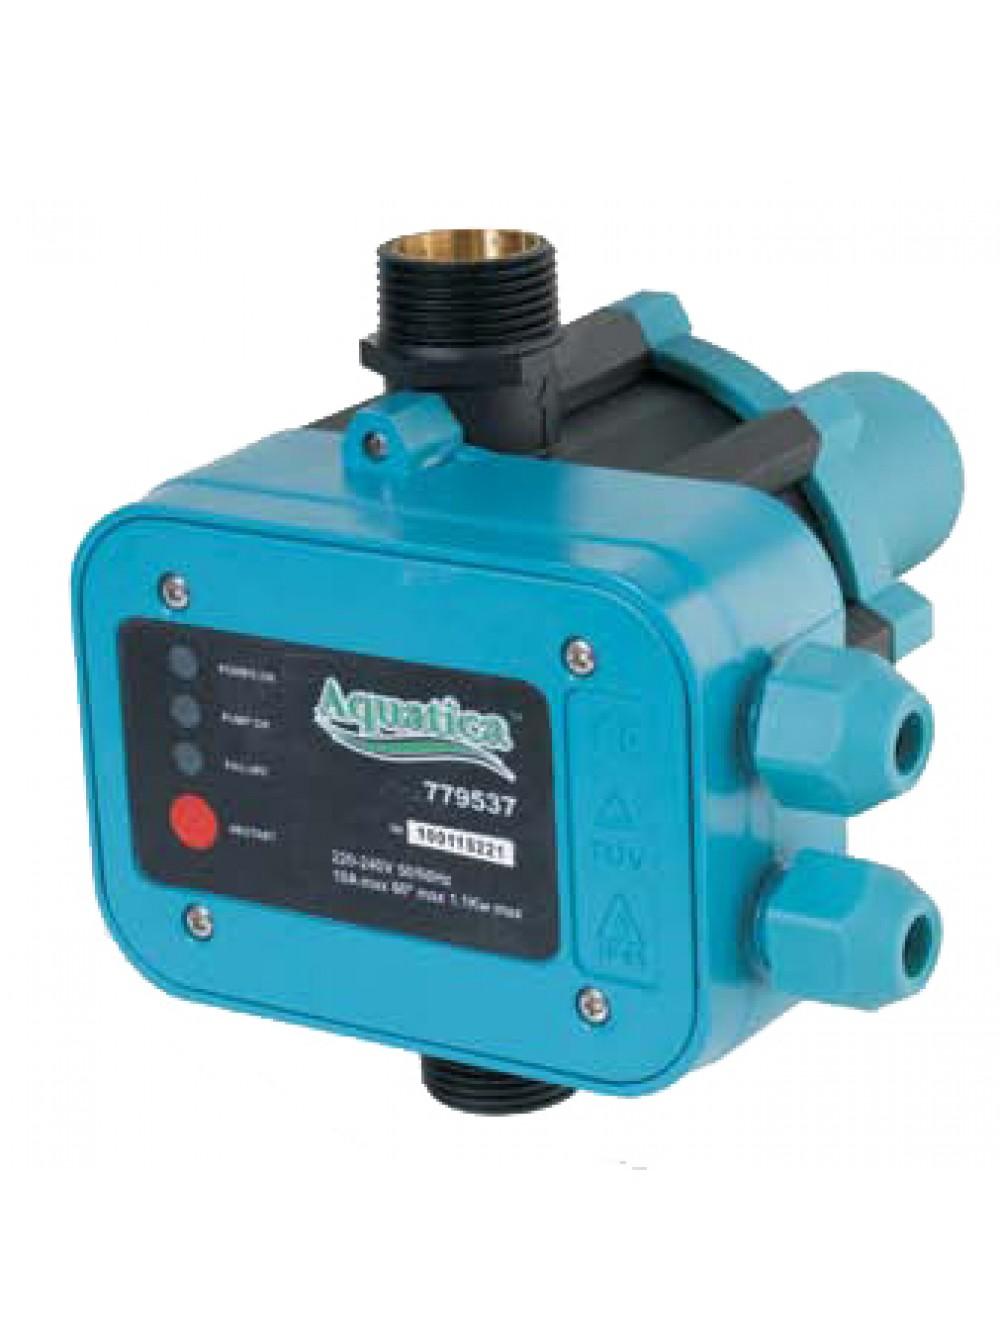 Электронный контролер давления Aquatica 779537 цена